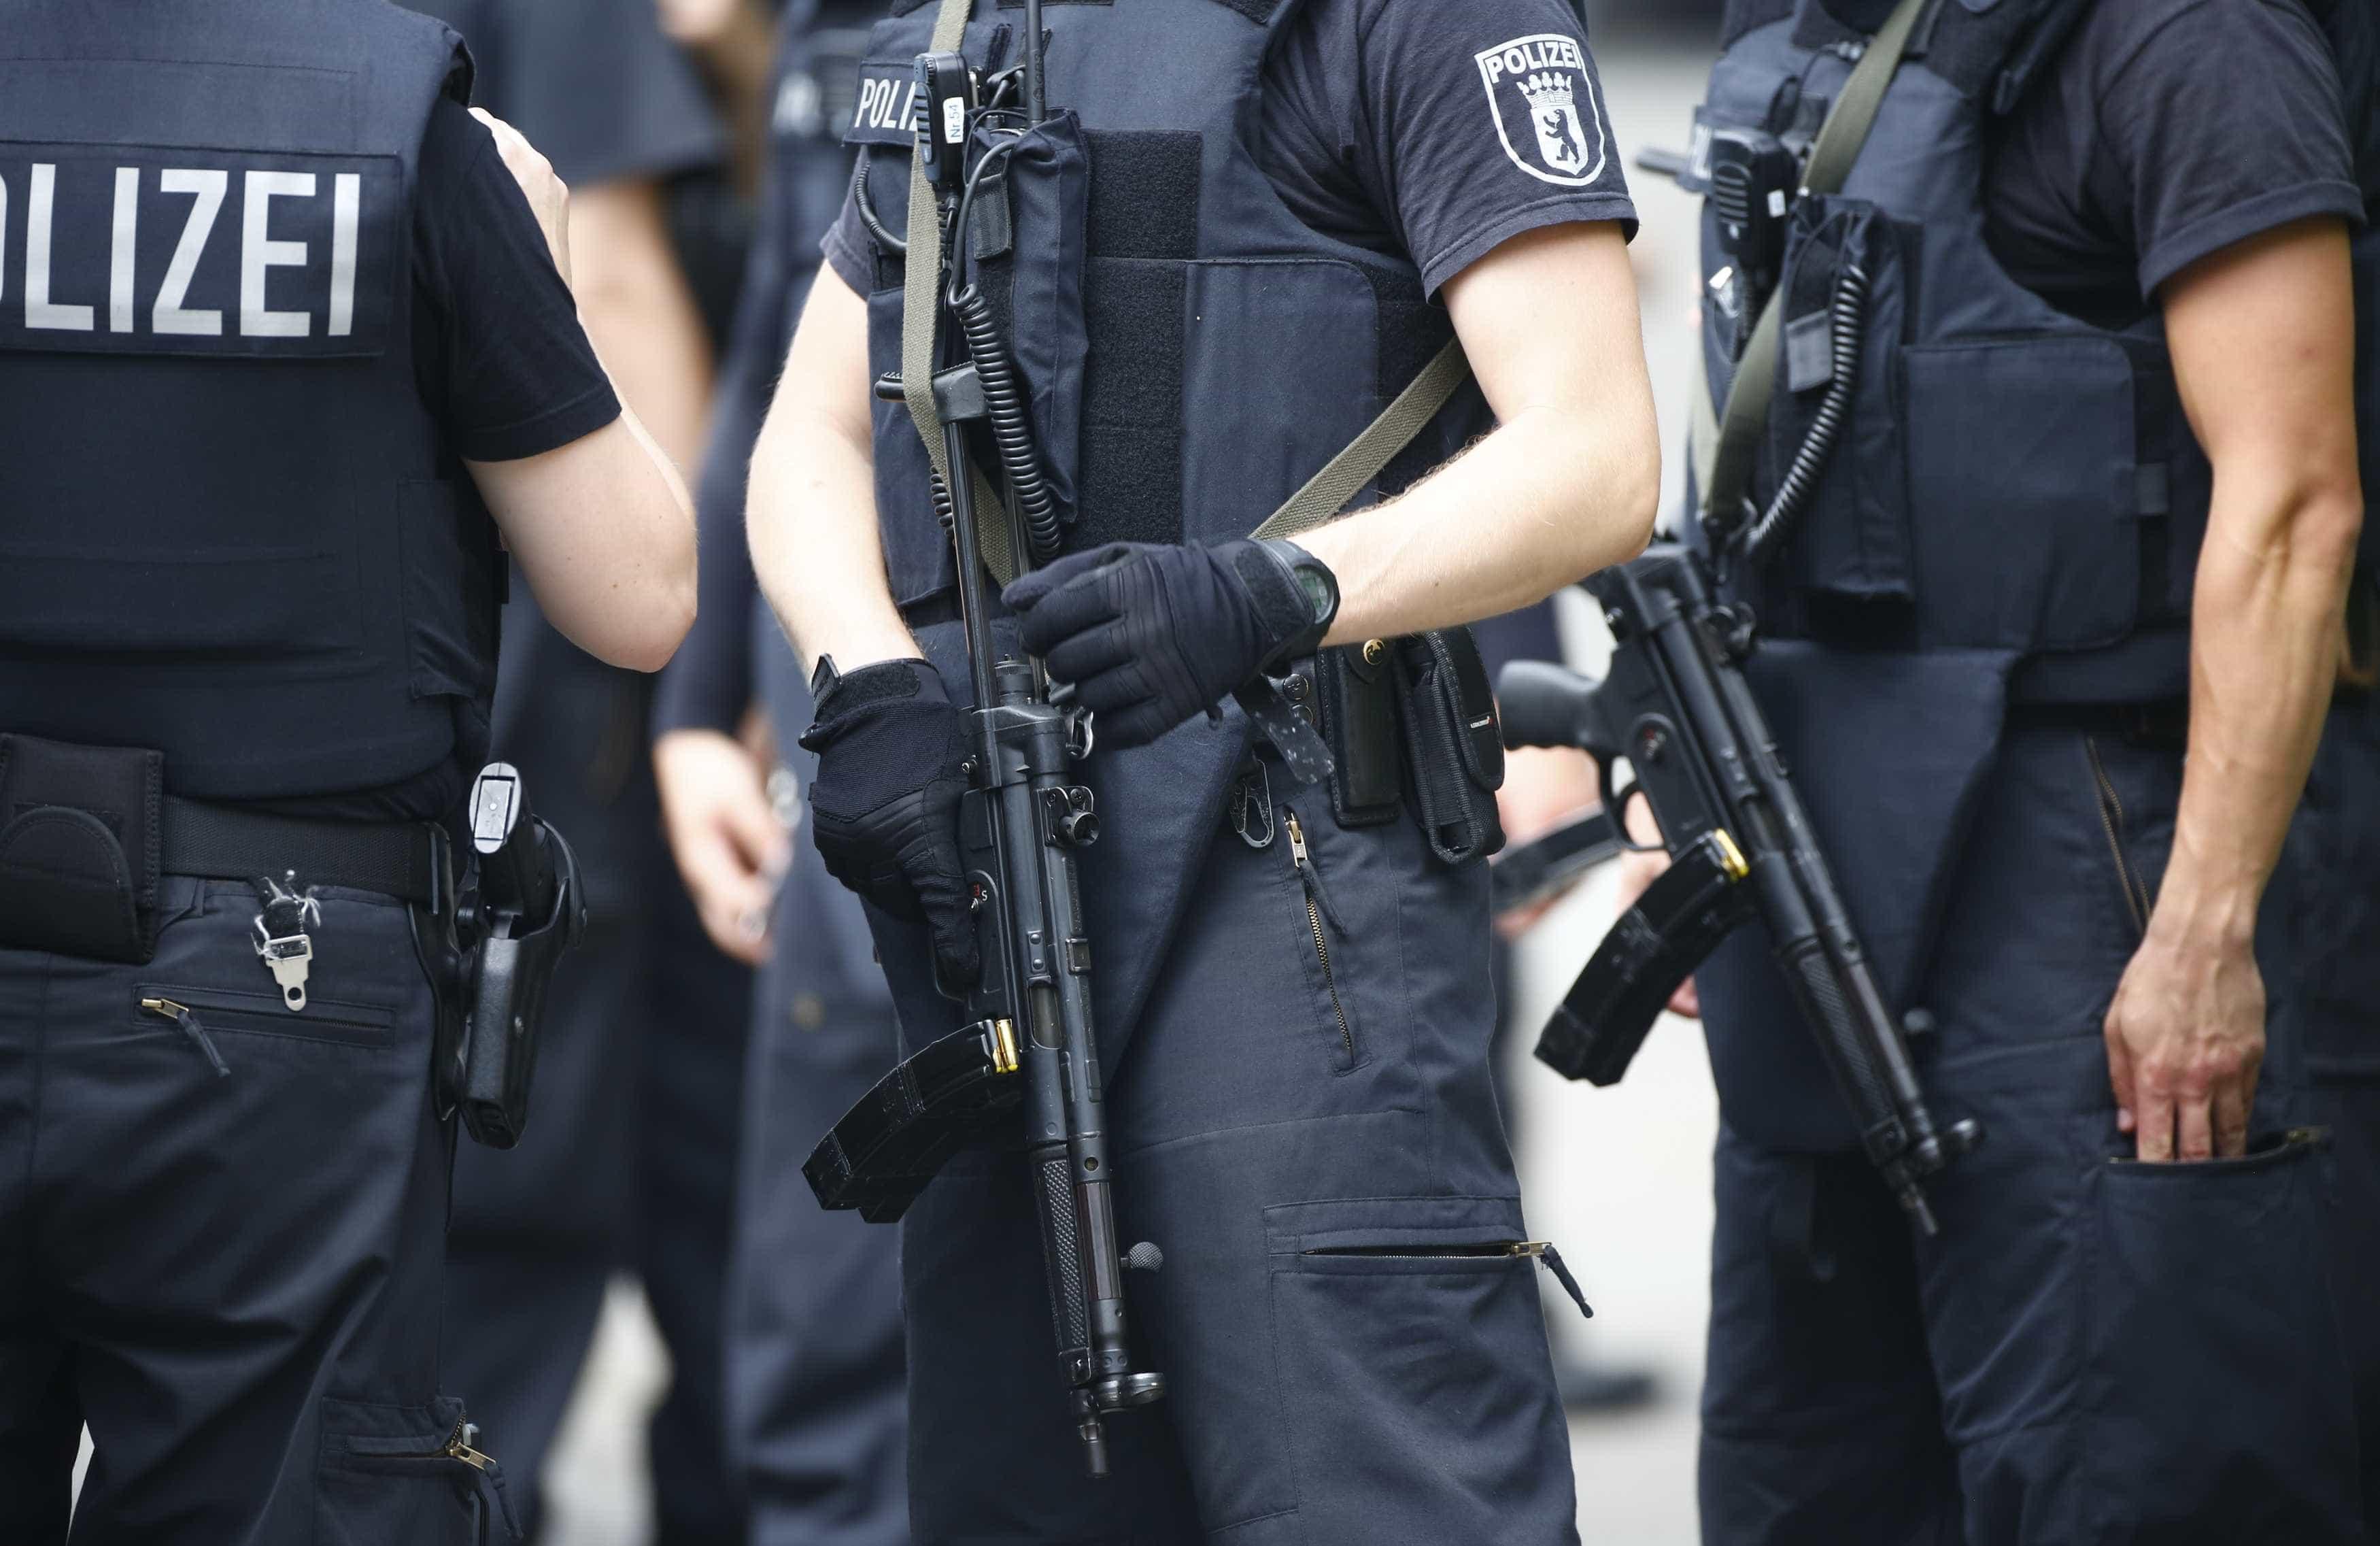 Duas agressões em Berlim contra criança e adolescentes imigrantes